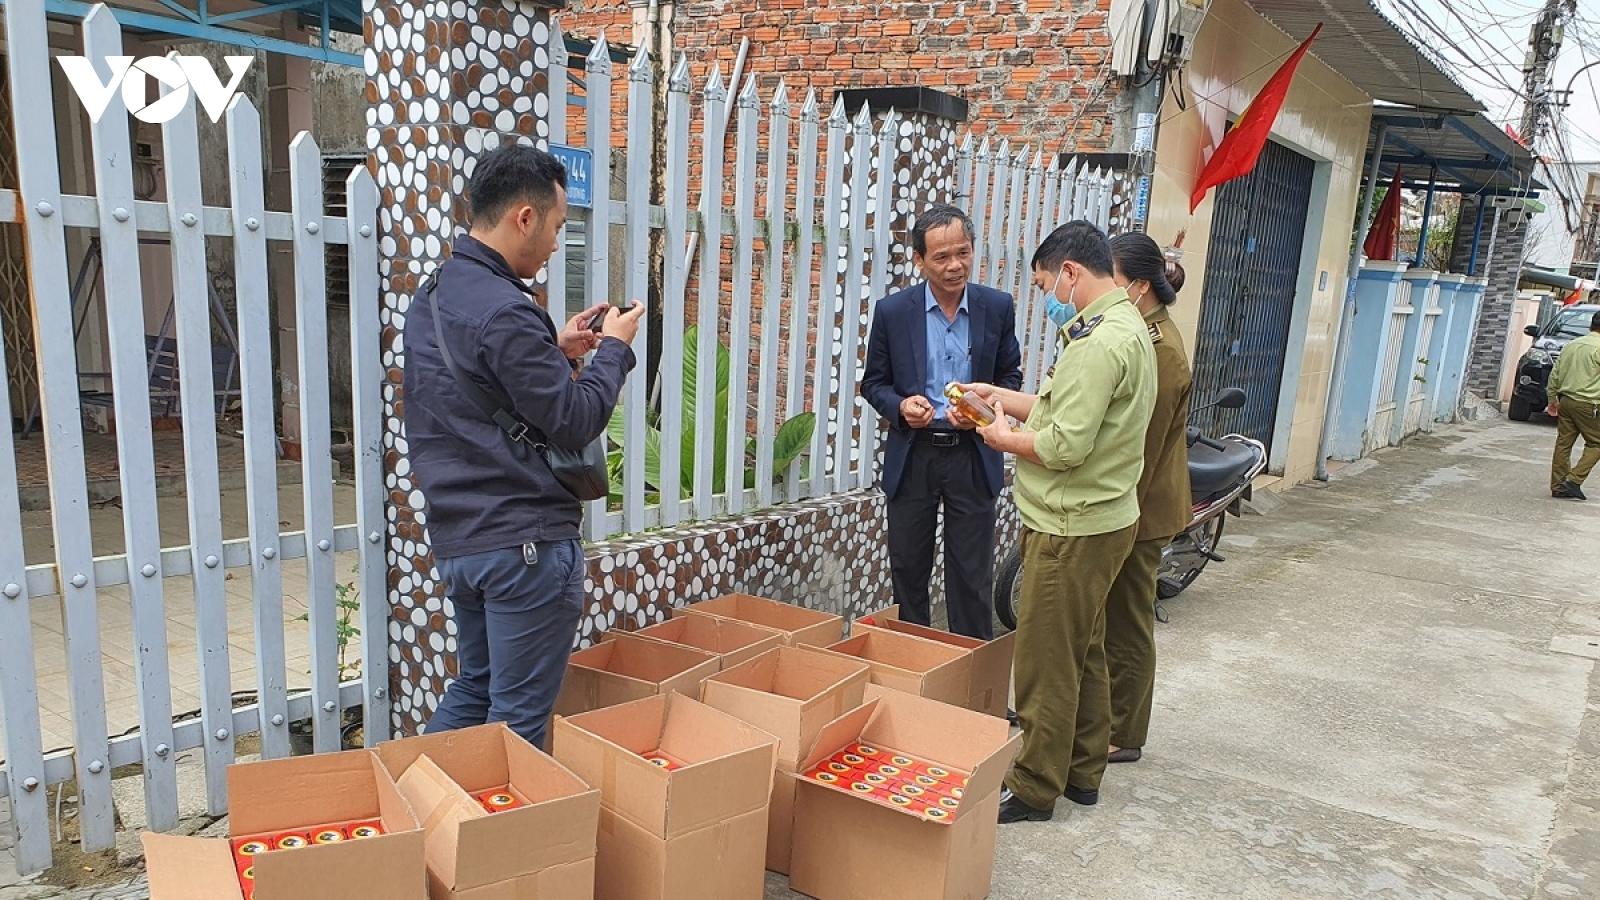 Tạm giữ hơn 160 chai rượu sâm Ngọc Linh không chứng từ